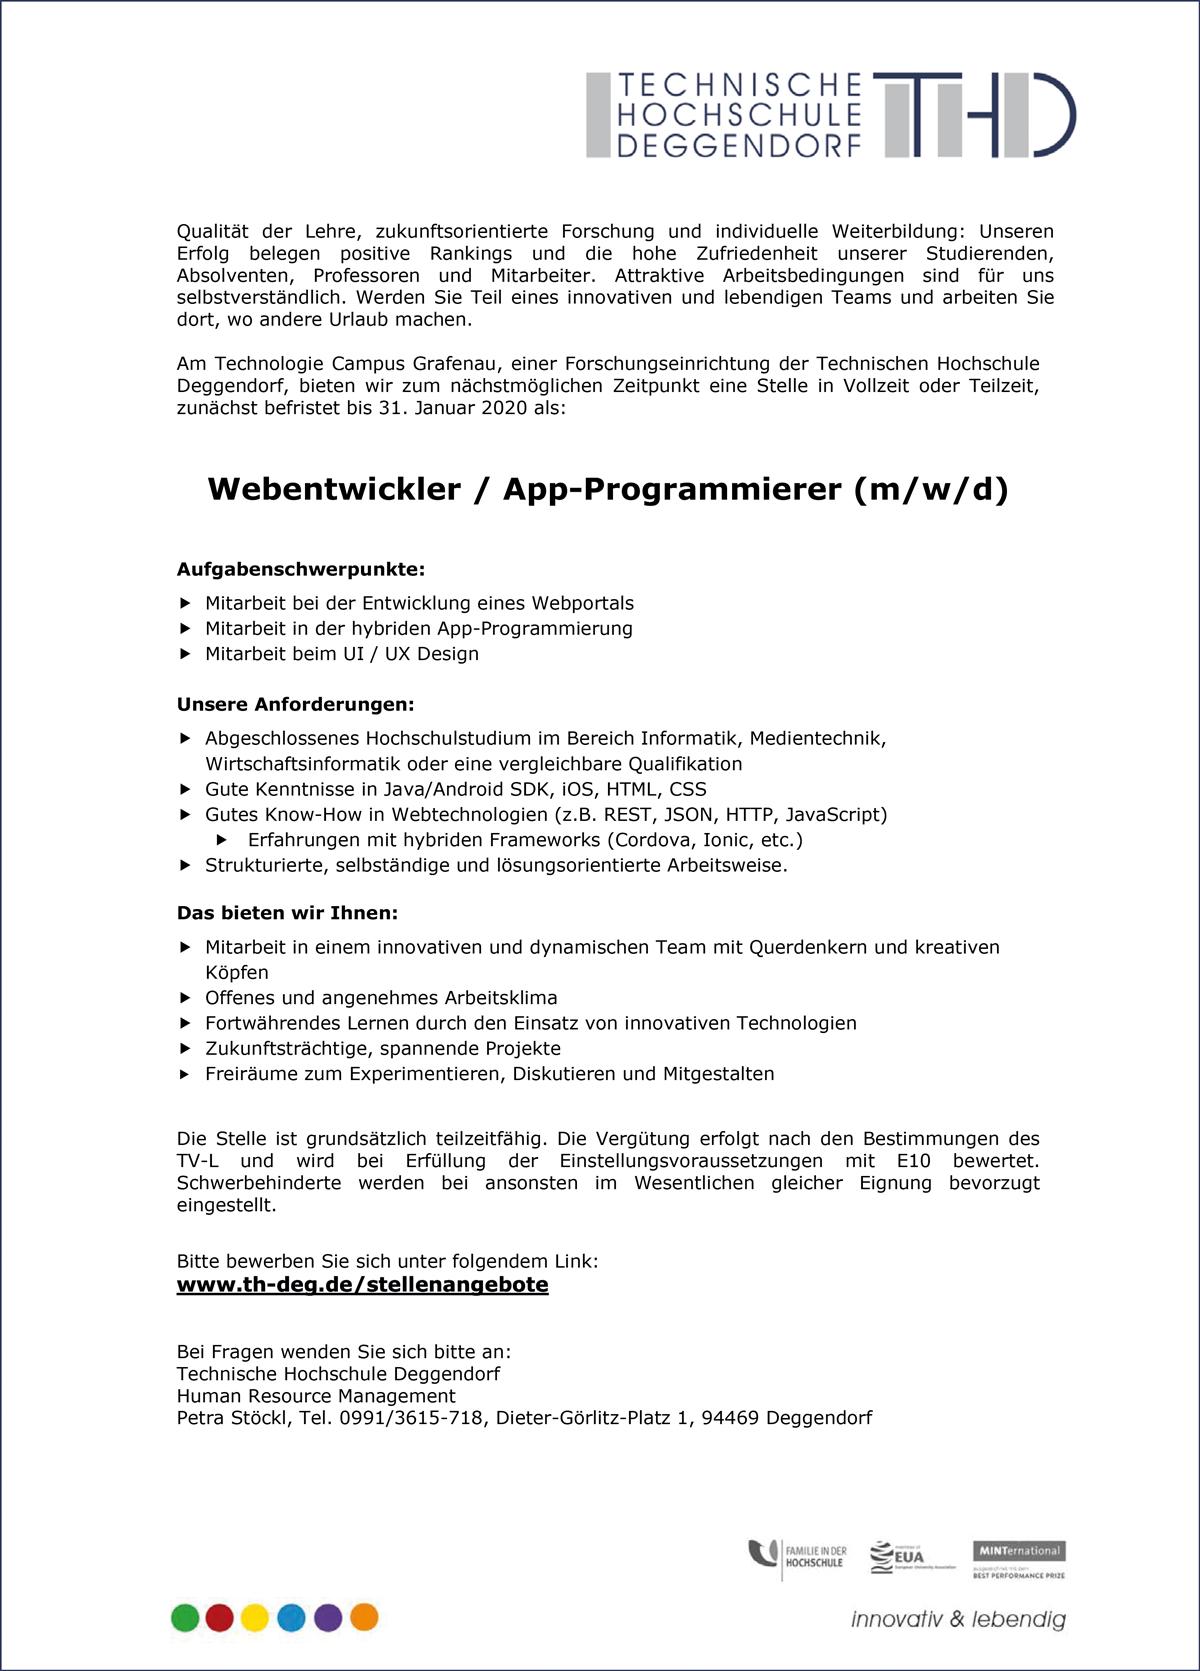 Webentwickler / App-Programmierer m/w/d  am Technologie Campus Grafenau - THD-Technische Hochschule Deggendorf - in Deggendorf - stellenecho.de